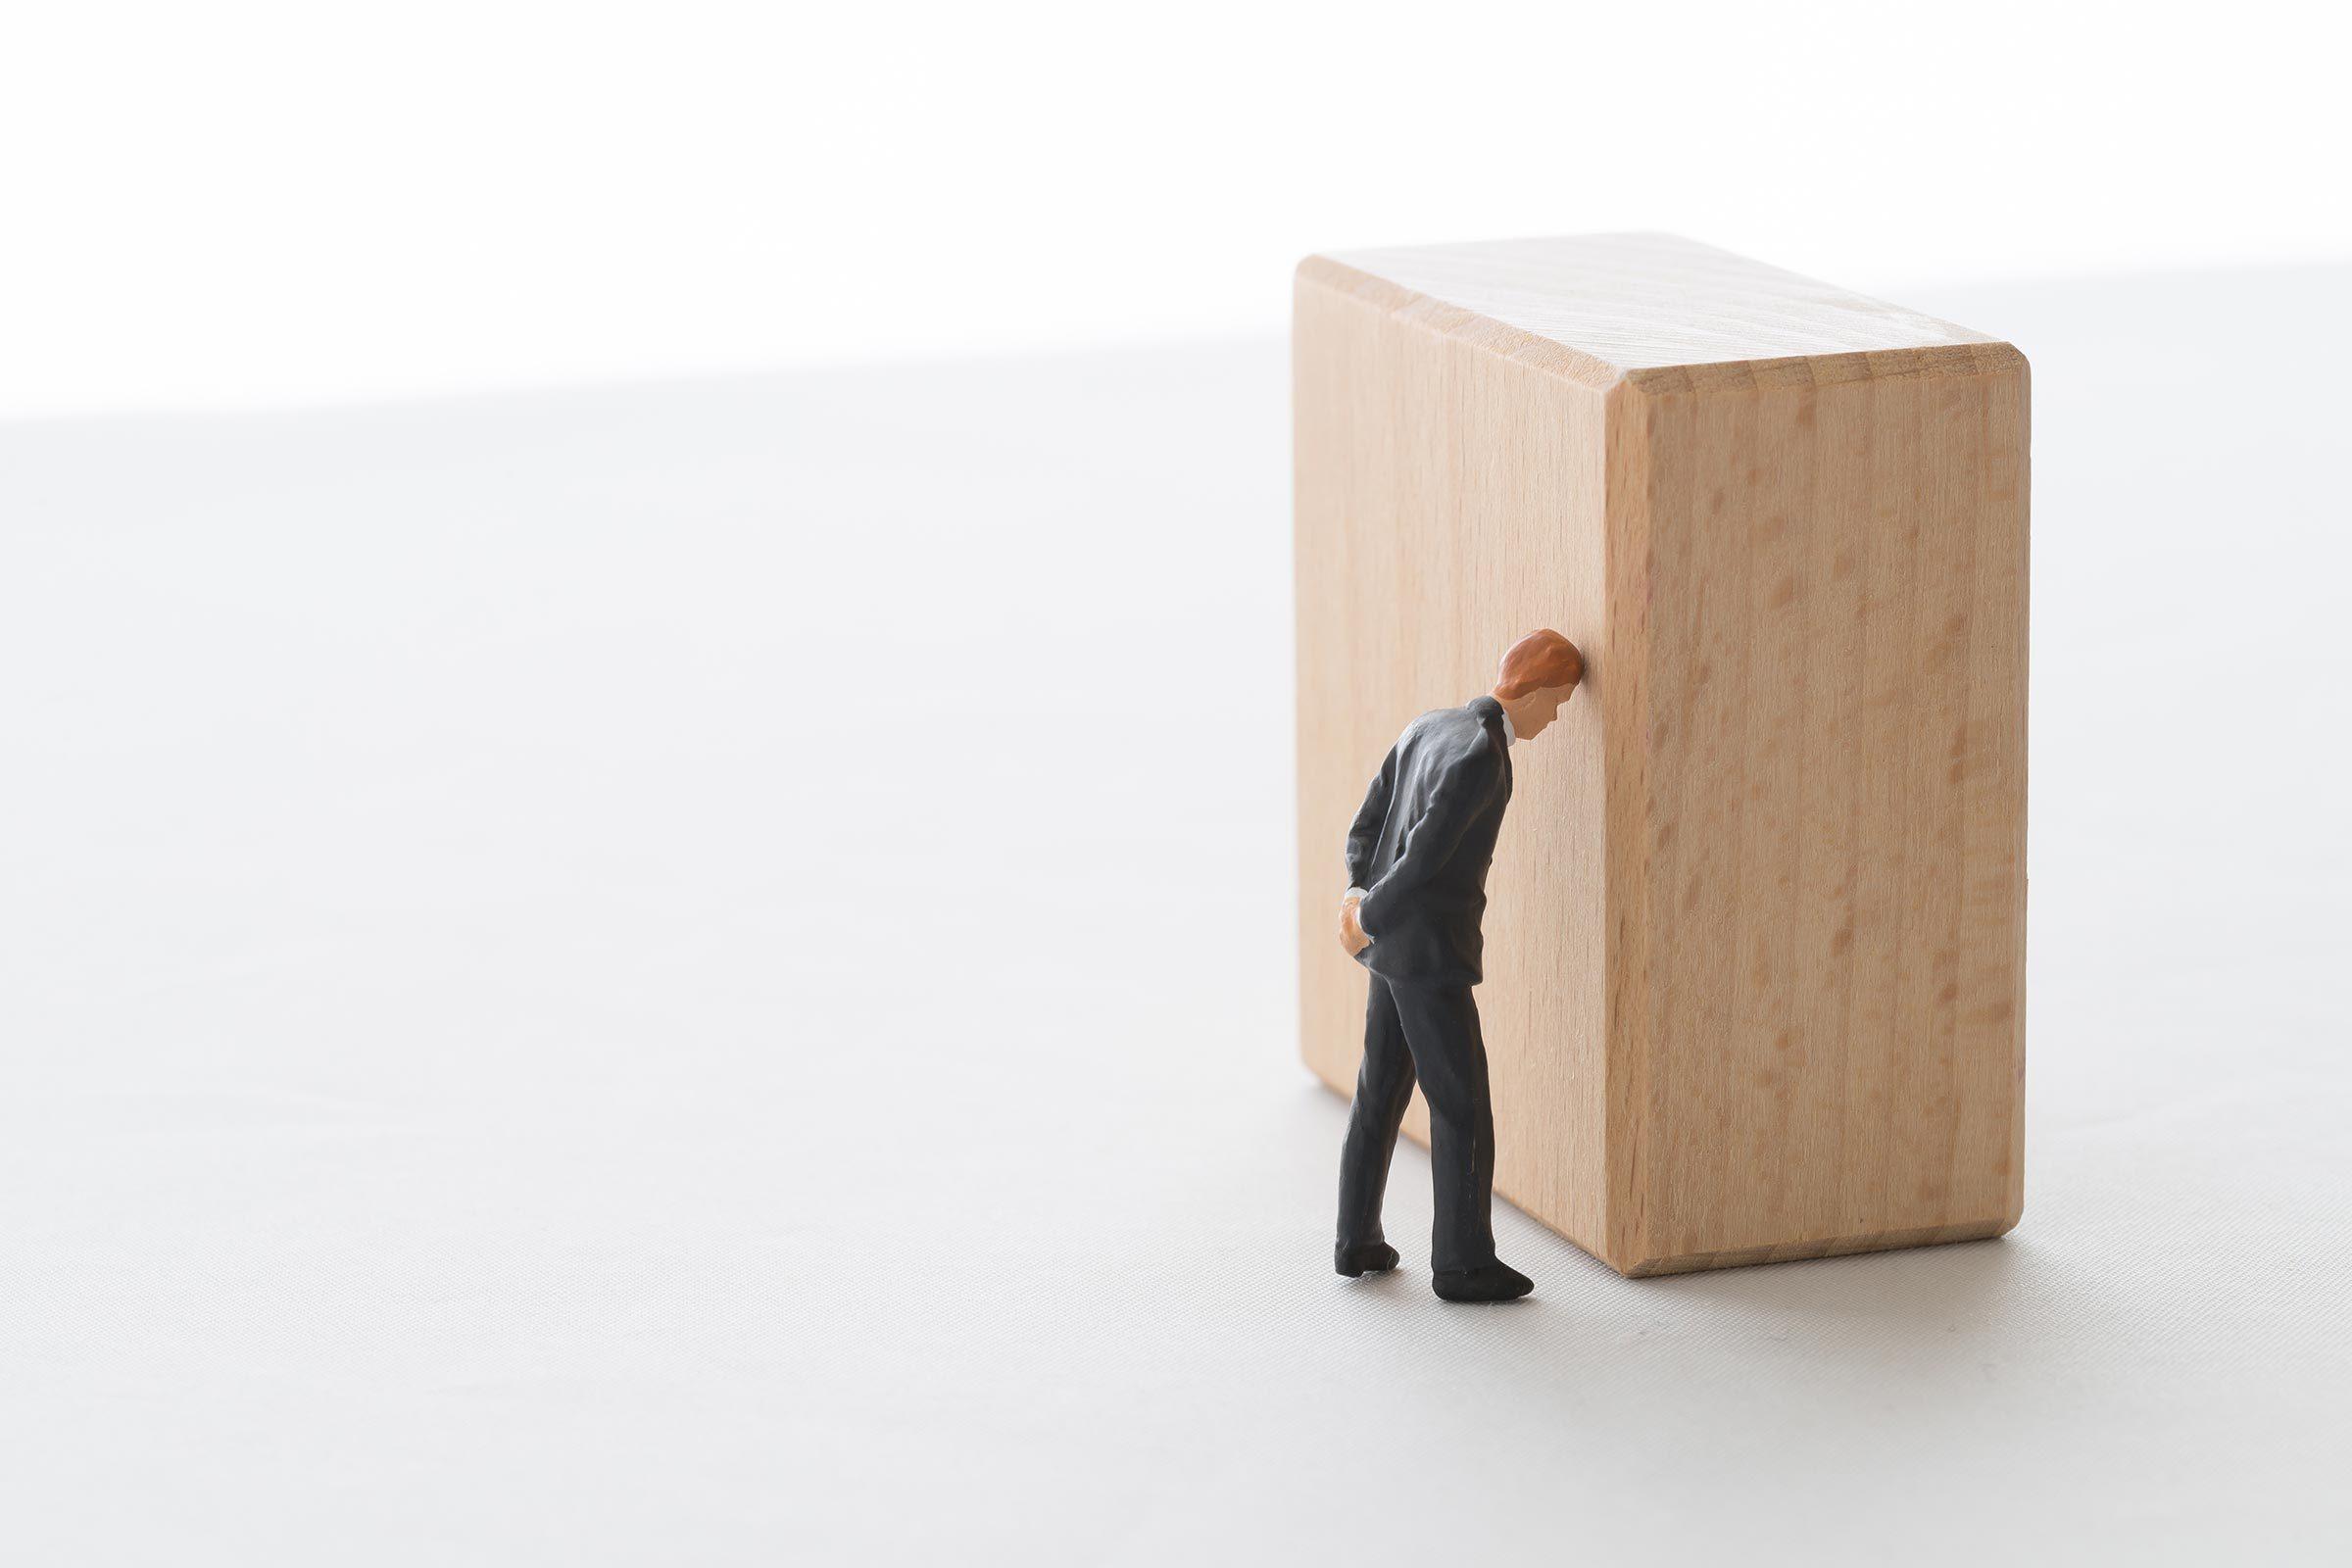 miniature figure sad lonely